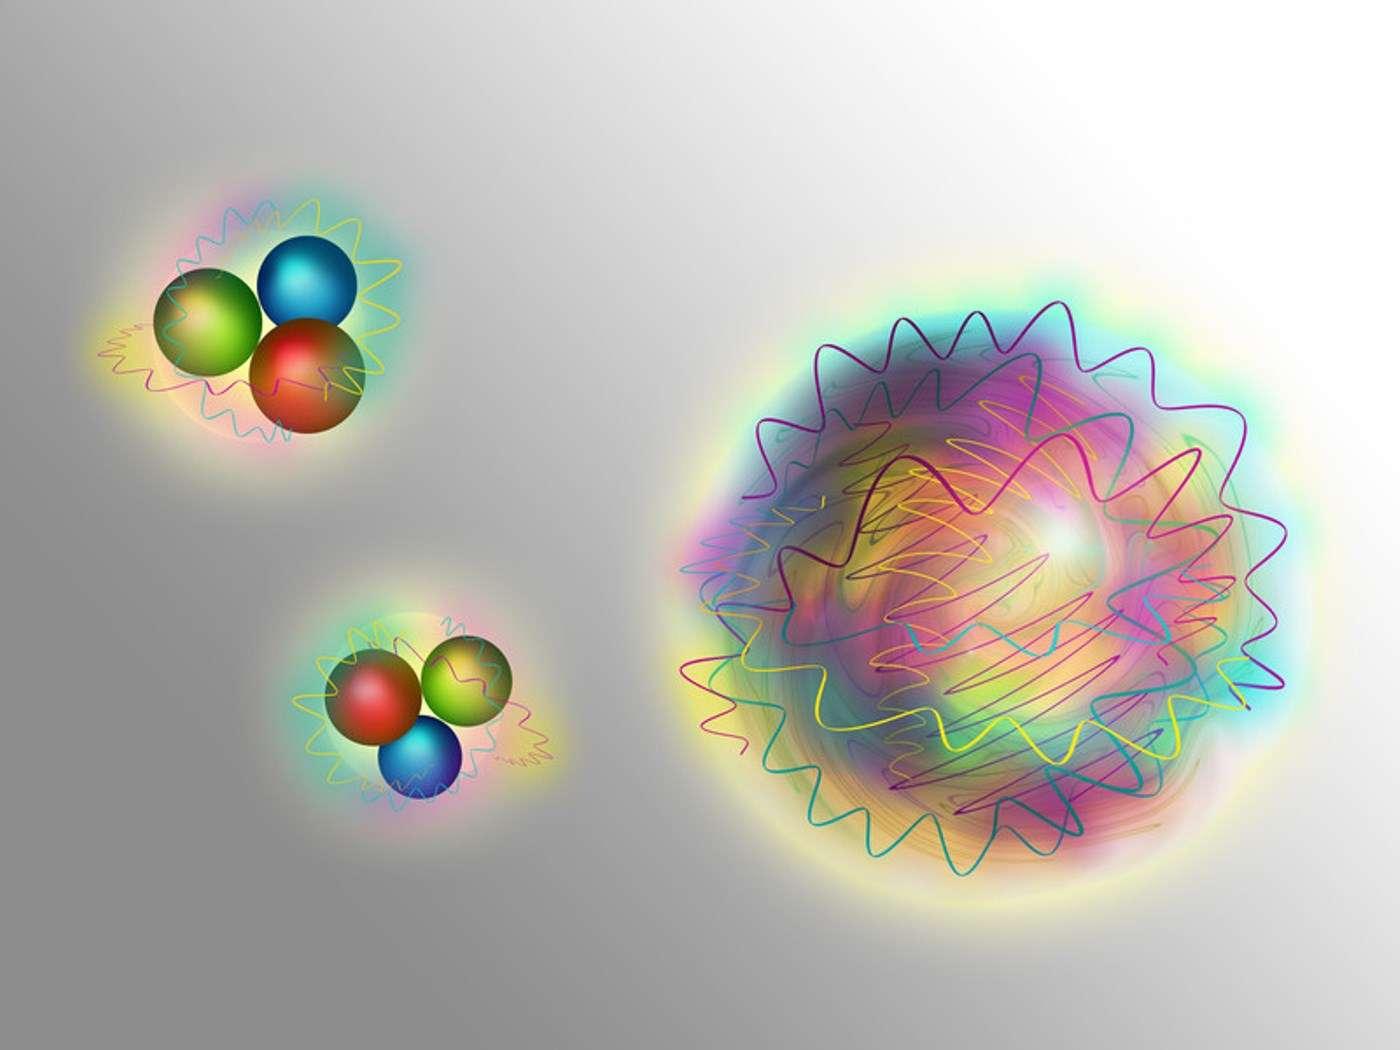 Les baryons sont composés de trois quarks (les boules colorées sur cette image d'artiste) liés par des cousins des photons décrivant la force nucléaire forte entre quarks, les gluons (représentés par des courbes ondulées). Mais ces gluons s'attirent aussi les uns les autres par cette même force, de sorte que l'on peut imaginer des particules faites uniquement de gluons : des boules de glu encore appelées glueballs en anglais. © TU Wien